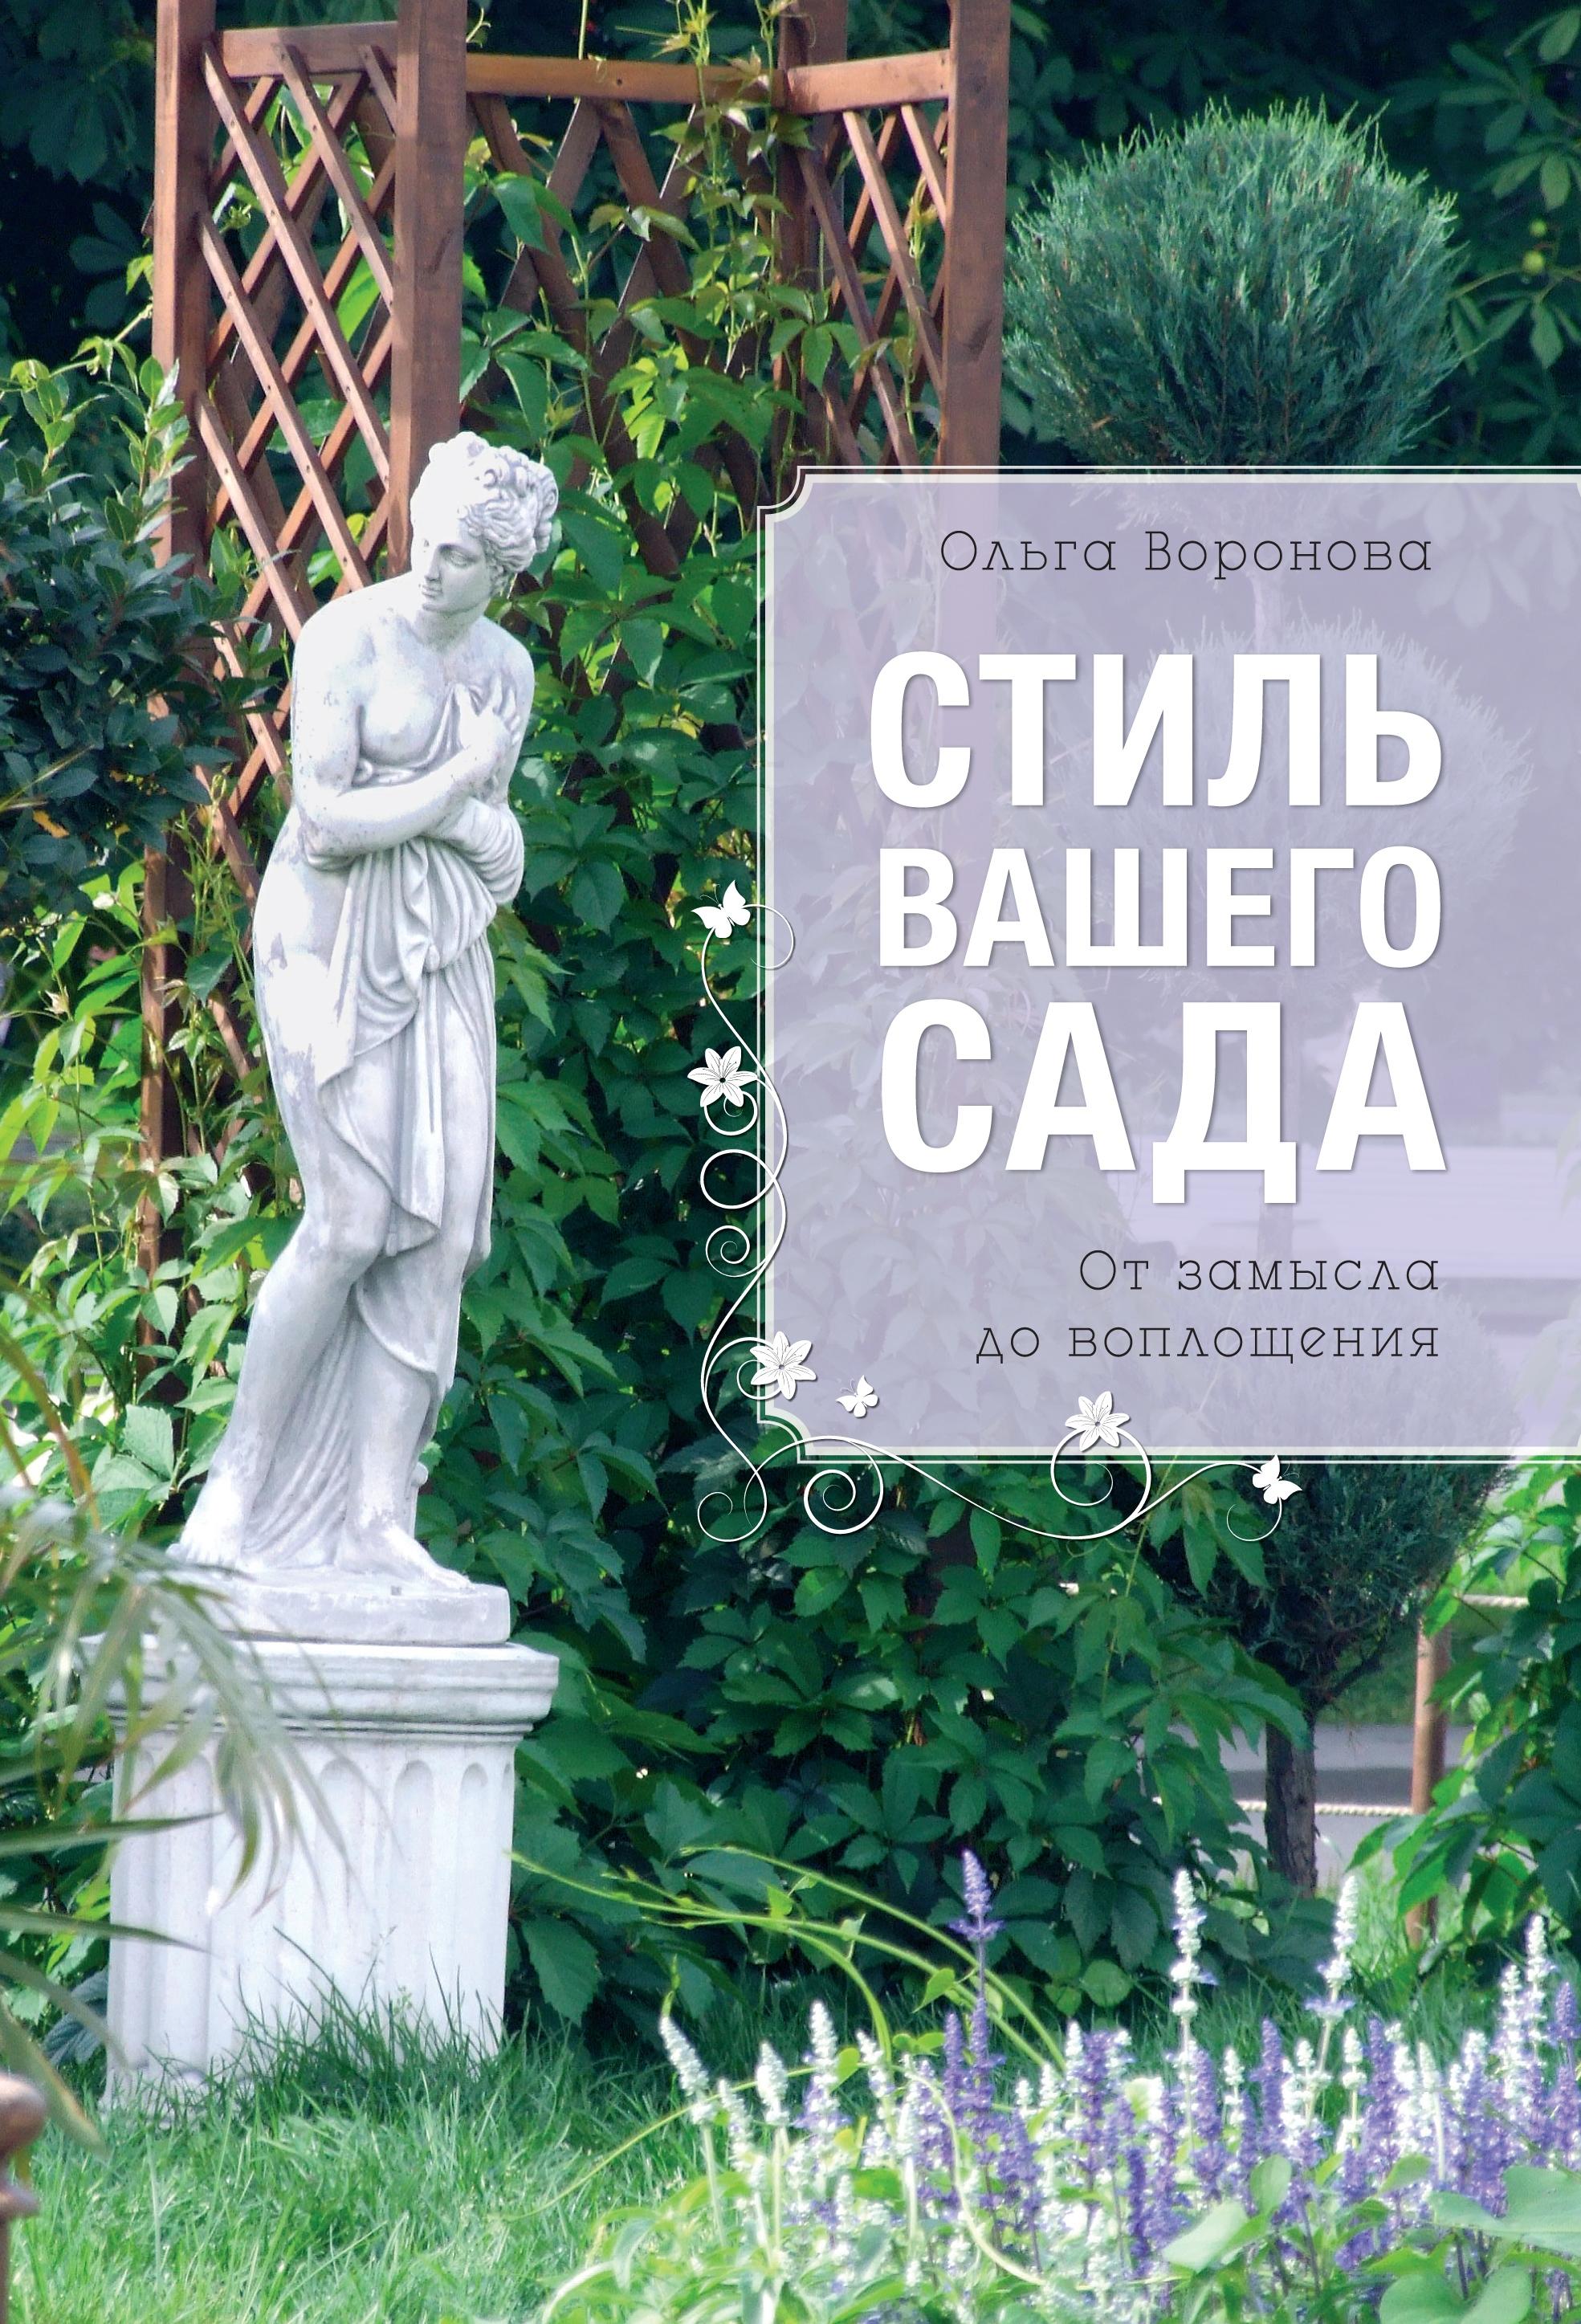 Ольга Воронова Стиль вашего сада берд р сделай свой сад красивым 56 оригинальных проектов для вашего сада